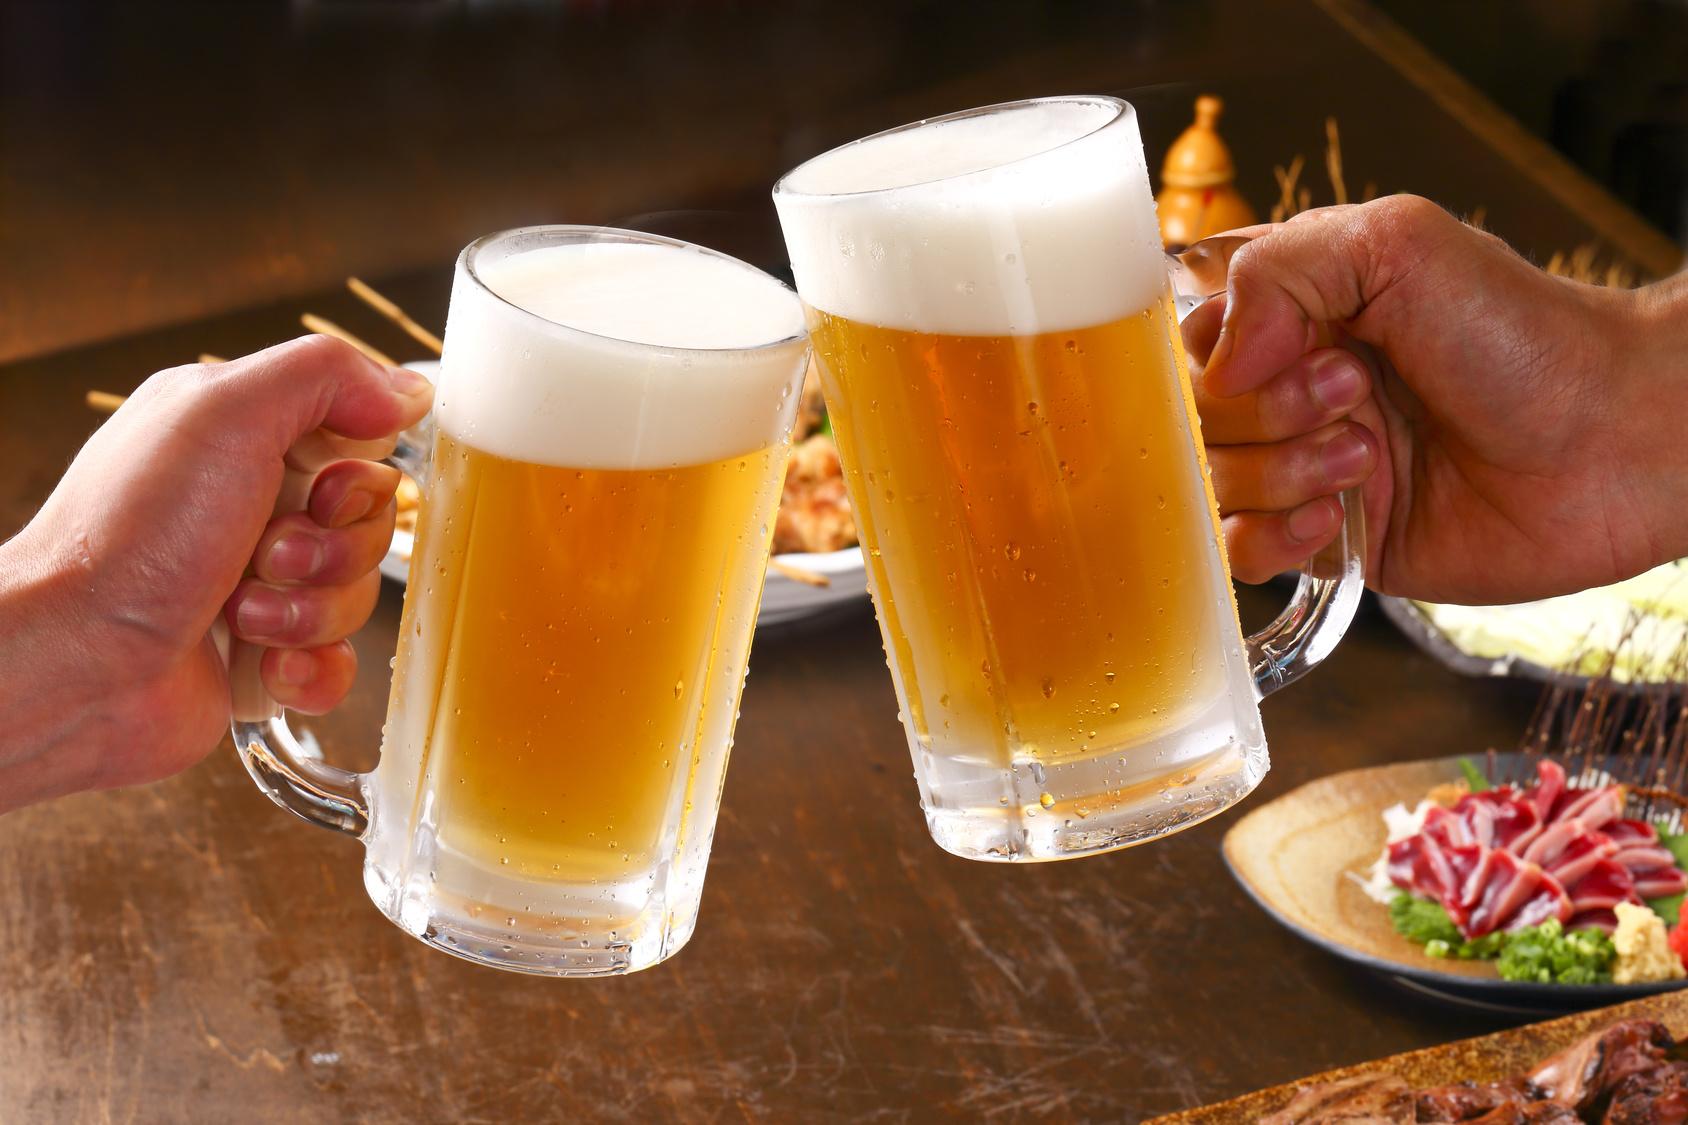 birre artigianali nuoro